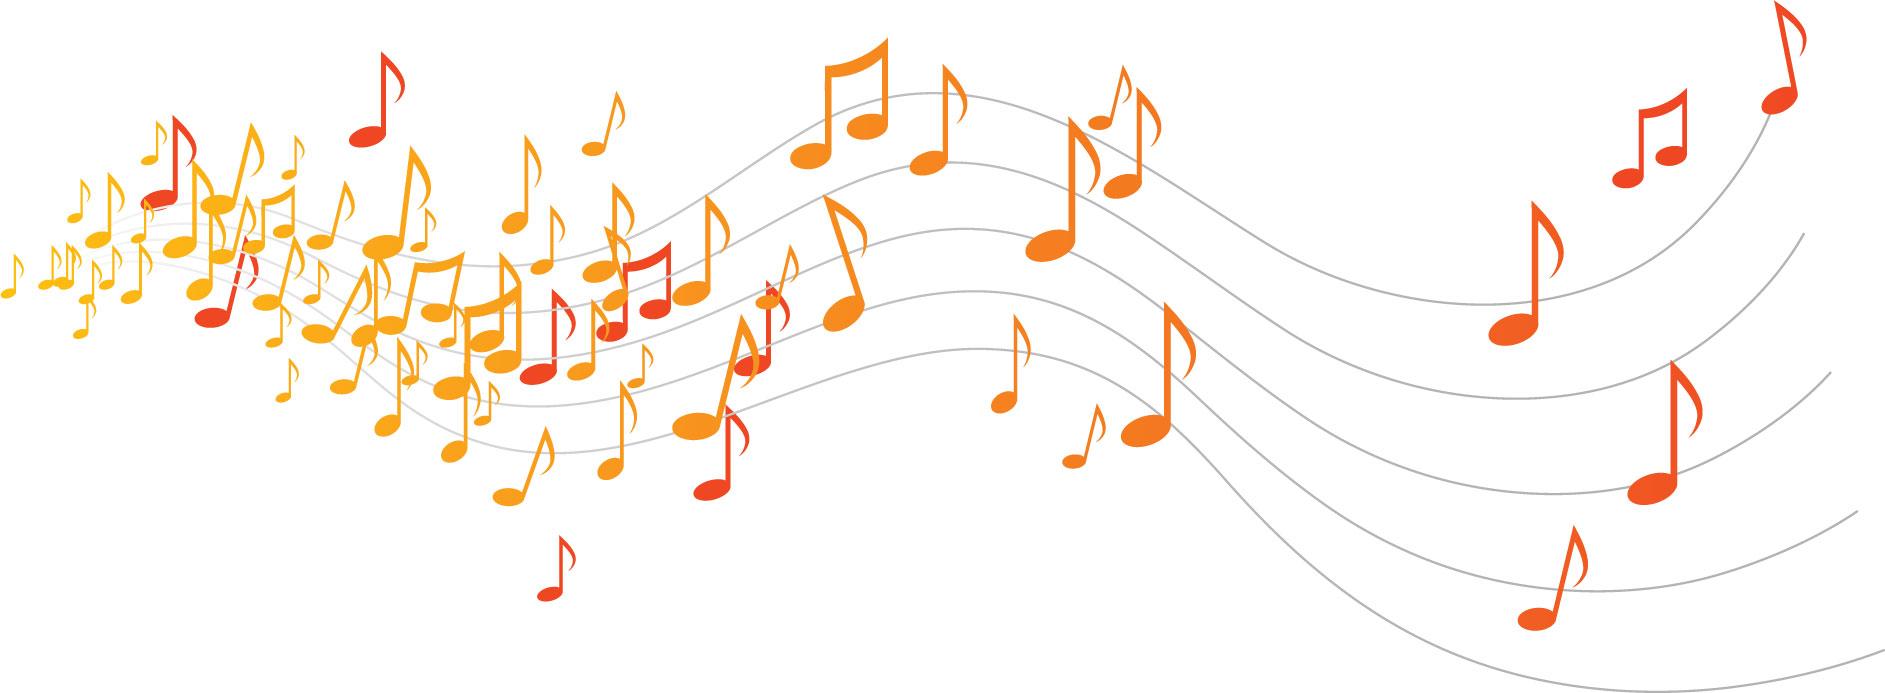 音楽・音符イラスト素材「流れる音符-暖色」